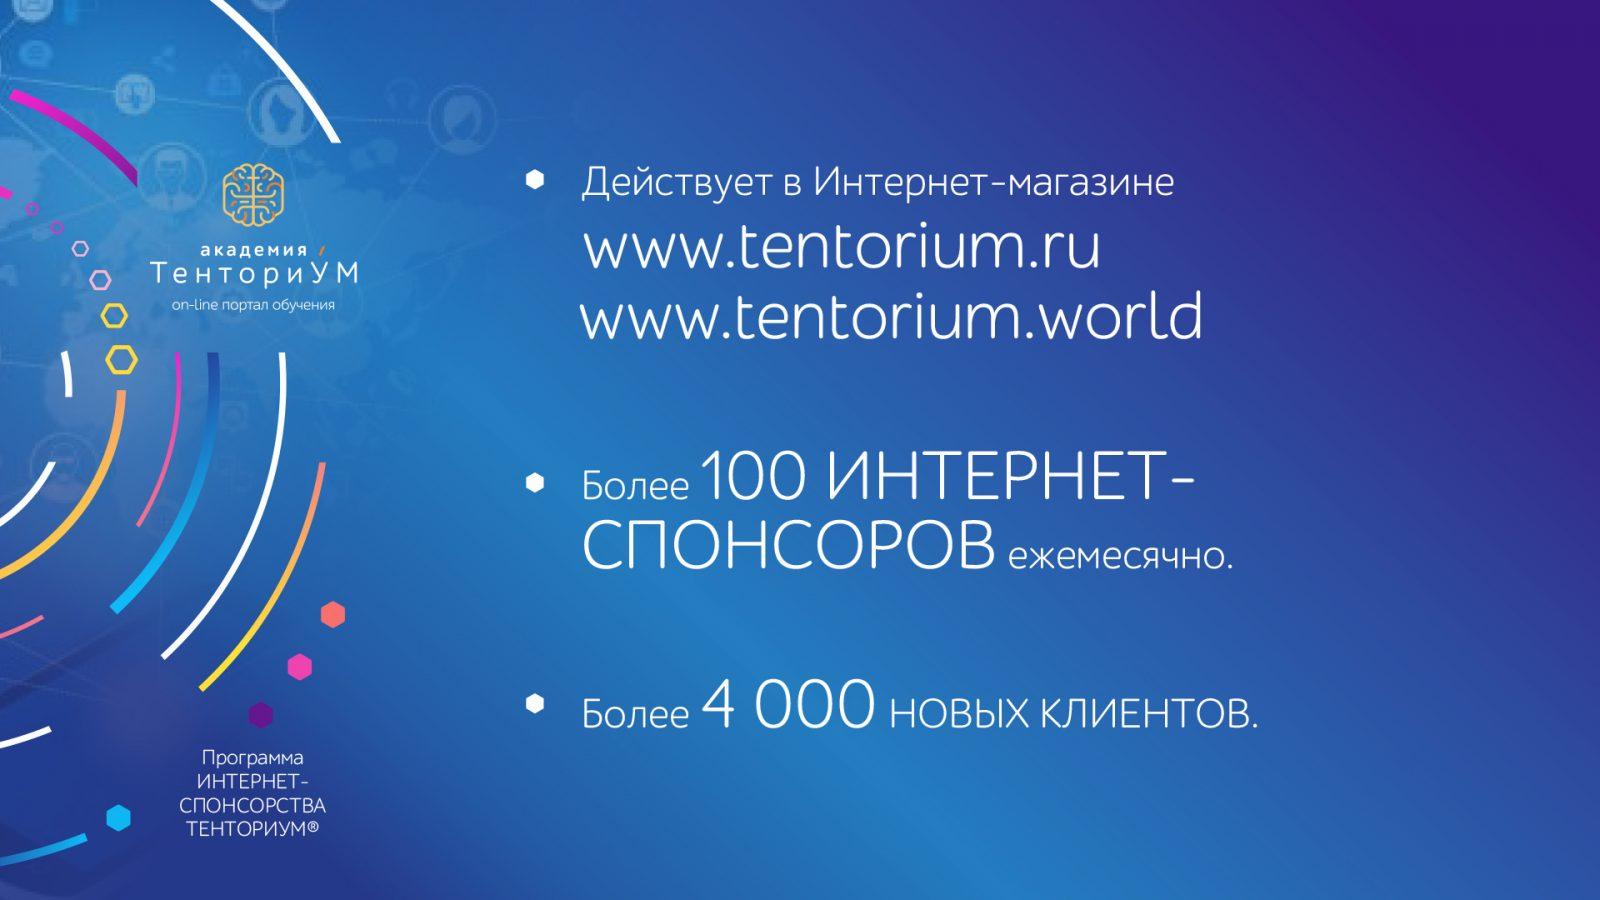 Интернет-Спонсорства ТЕНТОРИУМ®_Pro